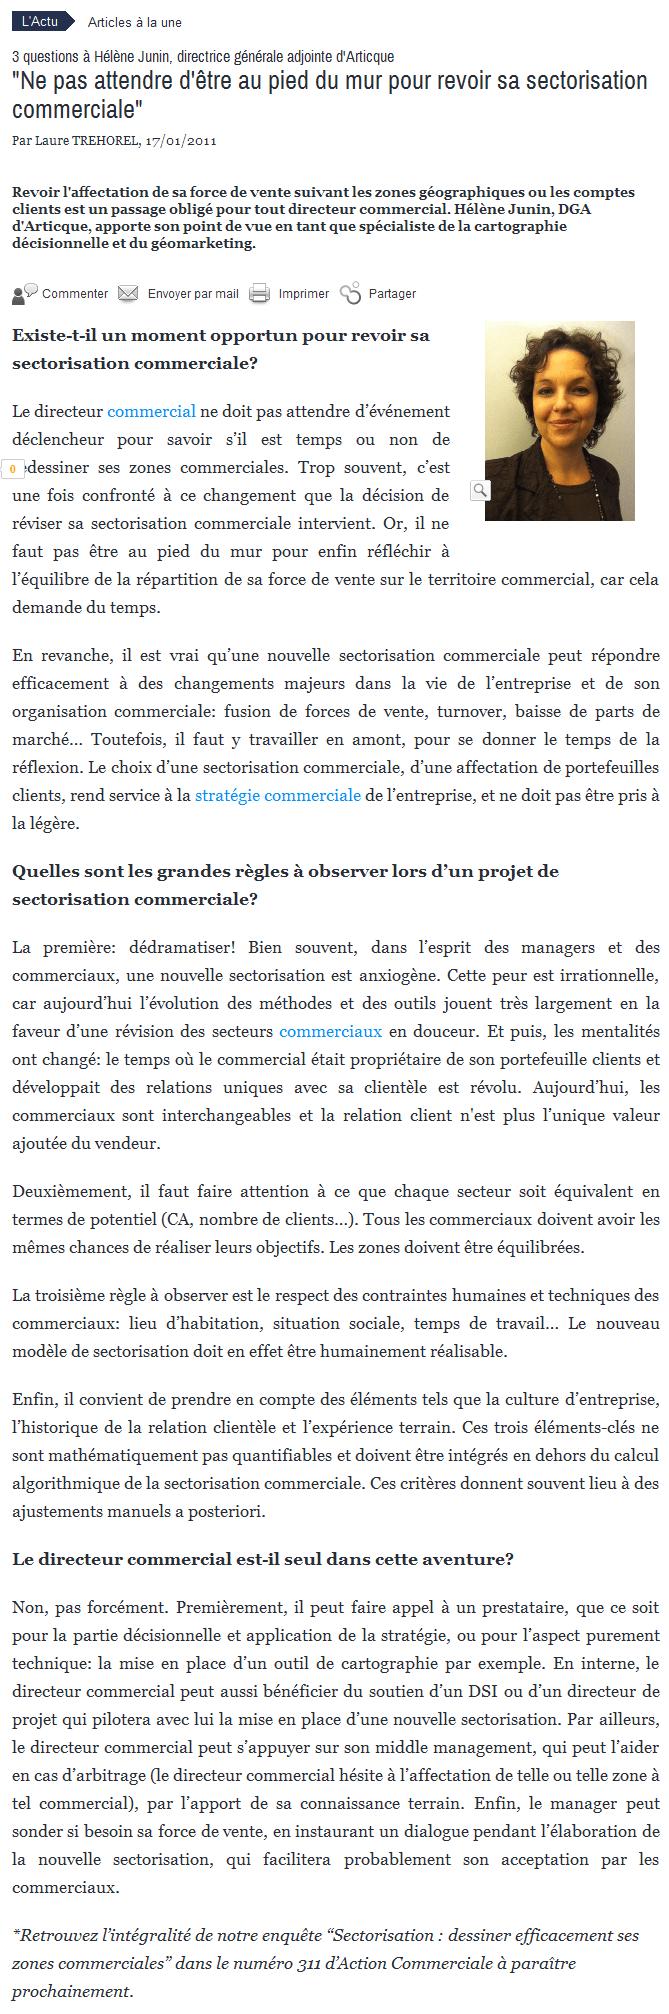 'Ne pas attendre d'être au pied du mur pour revoir sa sectorisation commerciale' - actionco.fr 2014-02-19 11-53-35